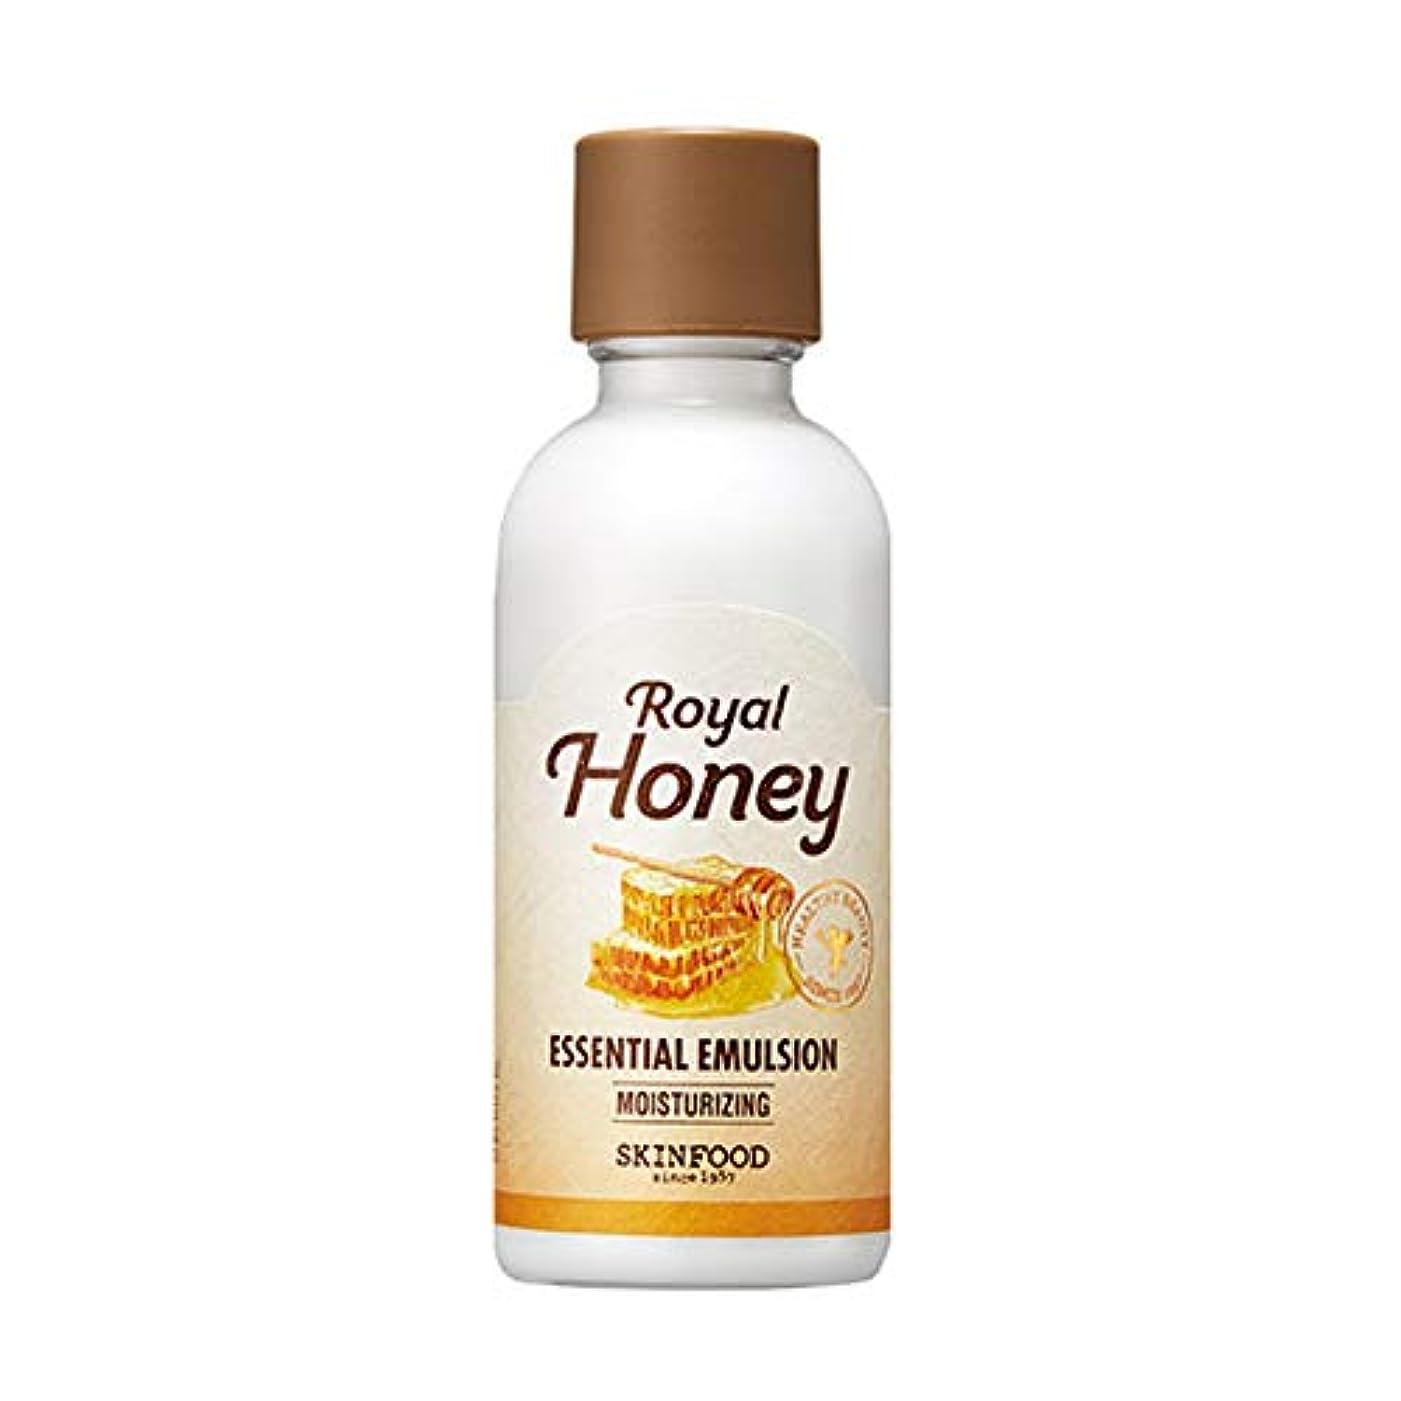 ブレーキかわす類似性Skinfood ロイヤルハニーエッセンシャルエマルジョン/Royal Honey Essential Emulsion 160ml [並行輸入品]